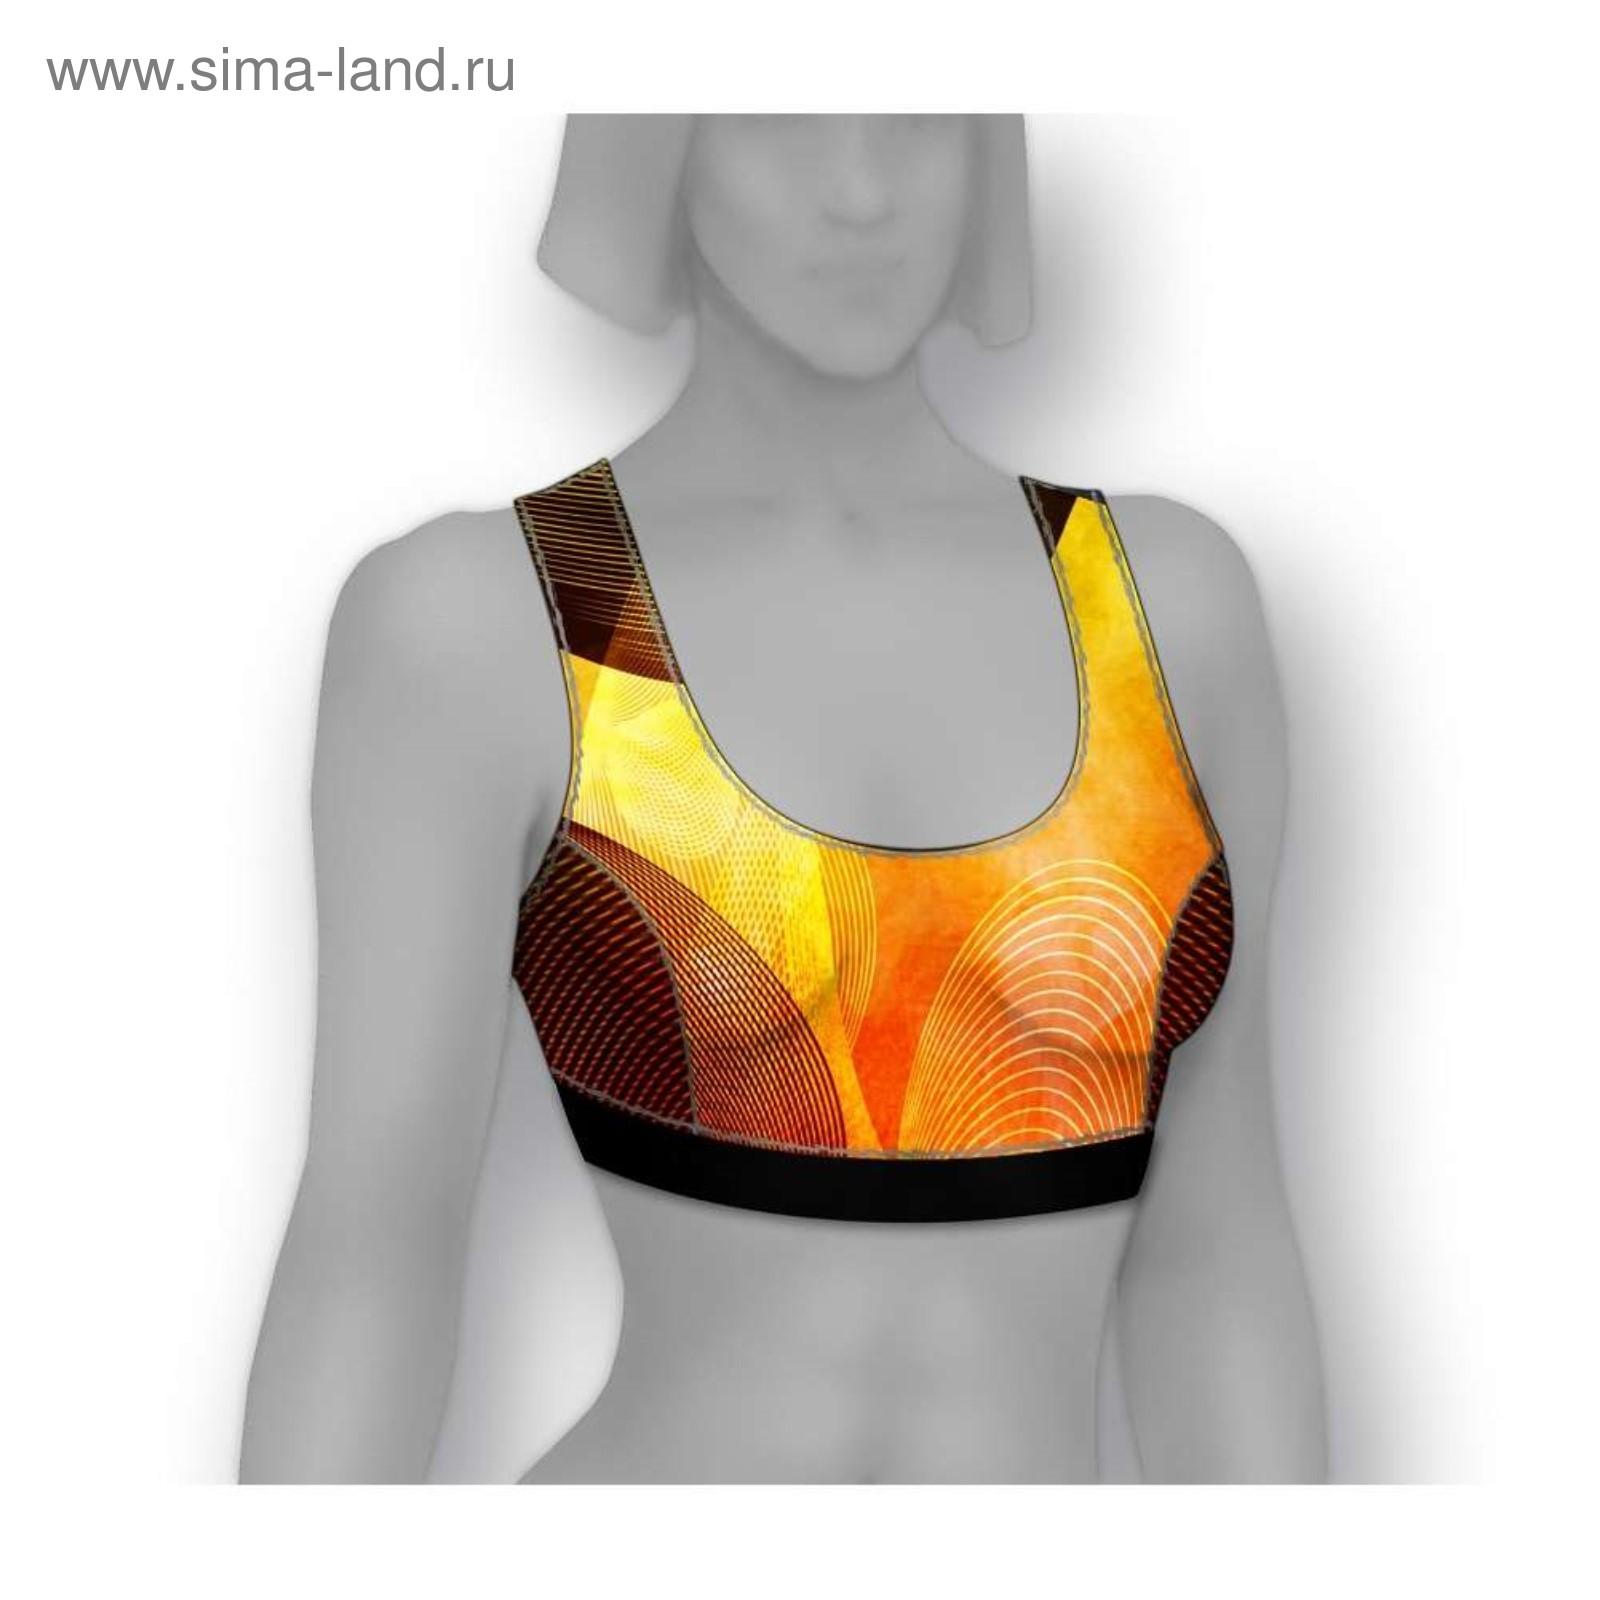 Компрессионный топик женский FireFox - без рукавов, размер XS ... d205bf0378e